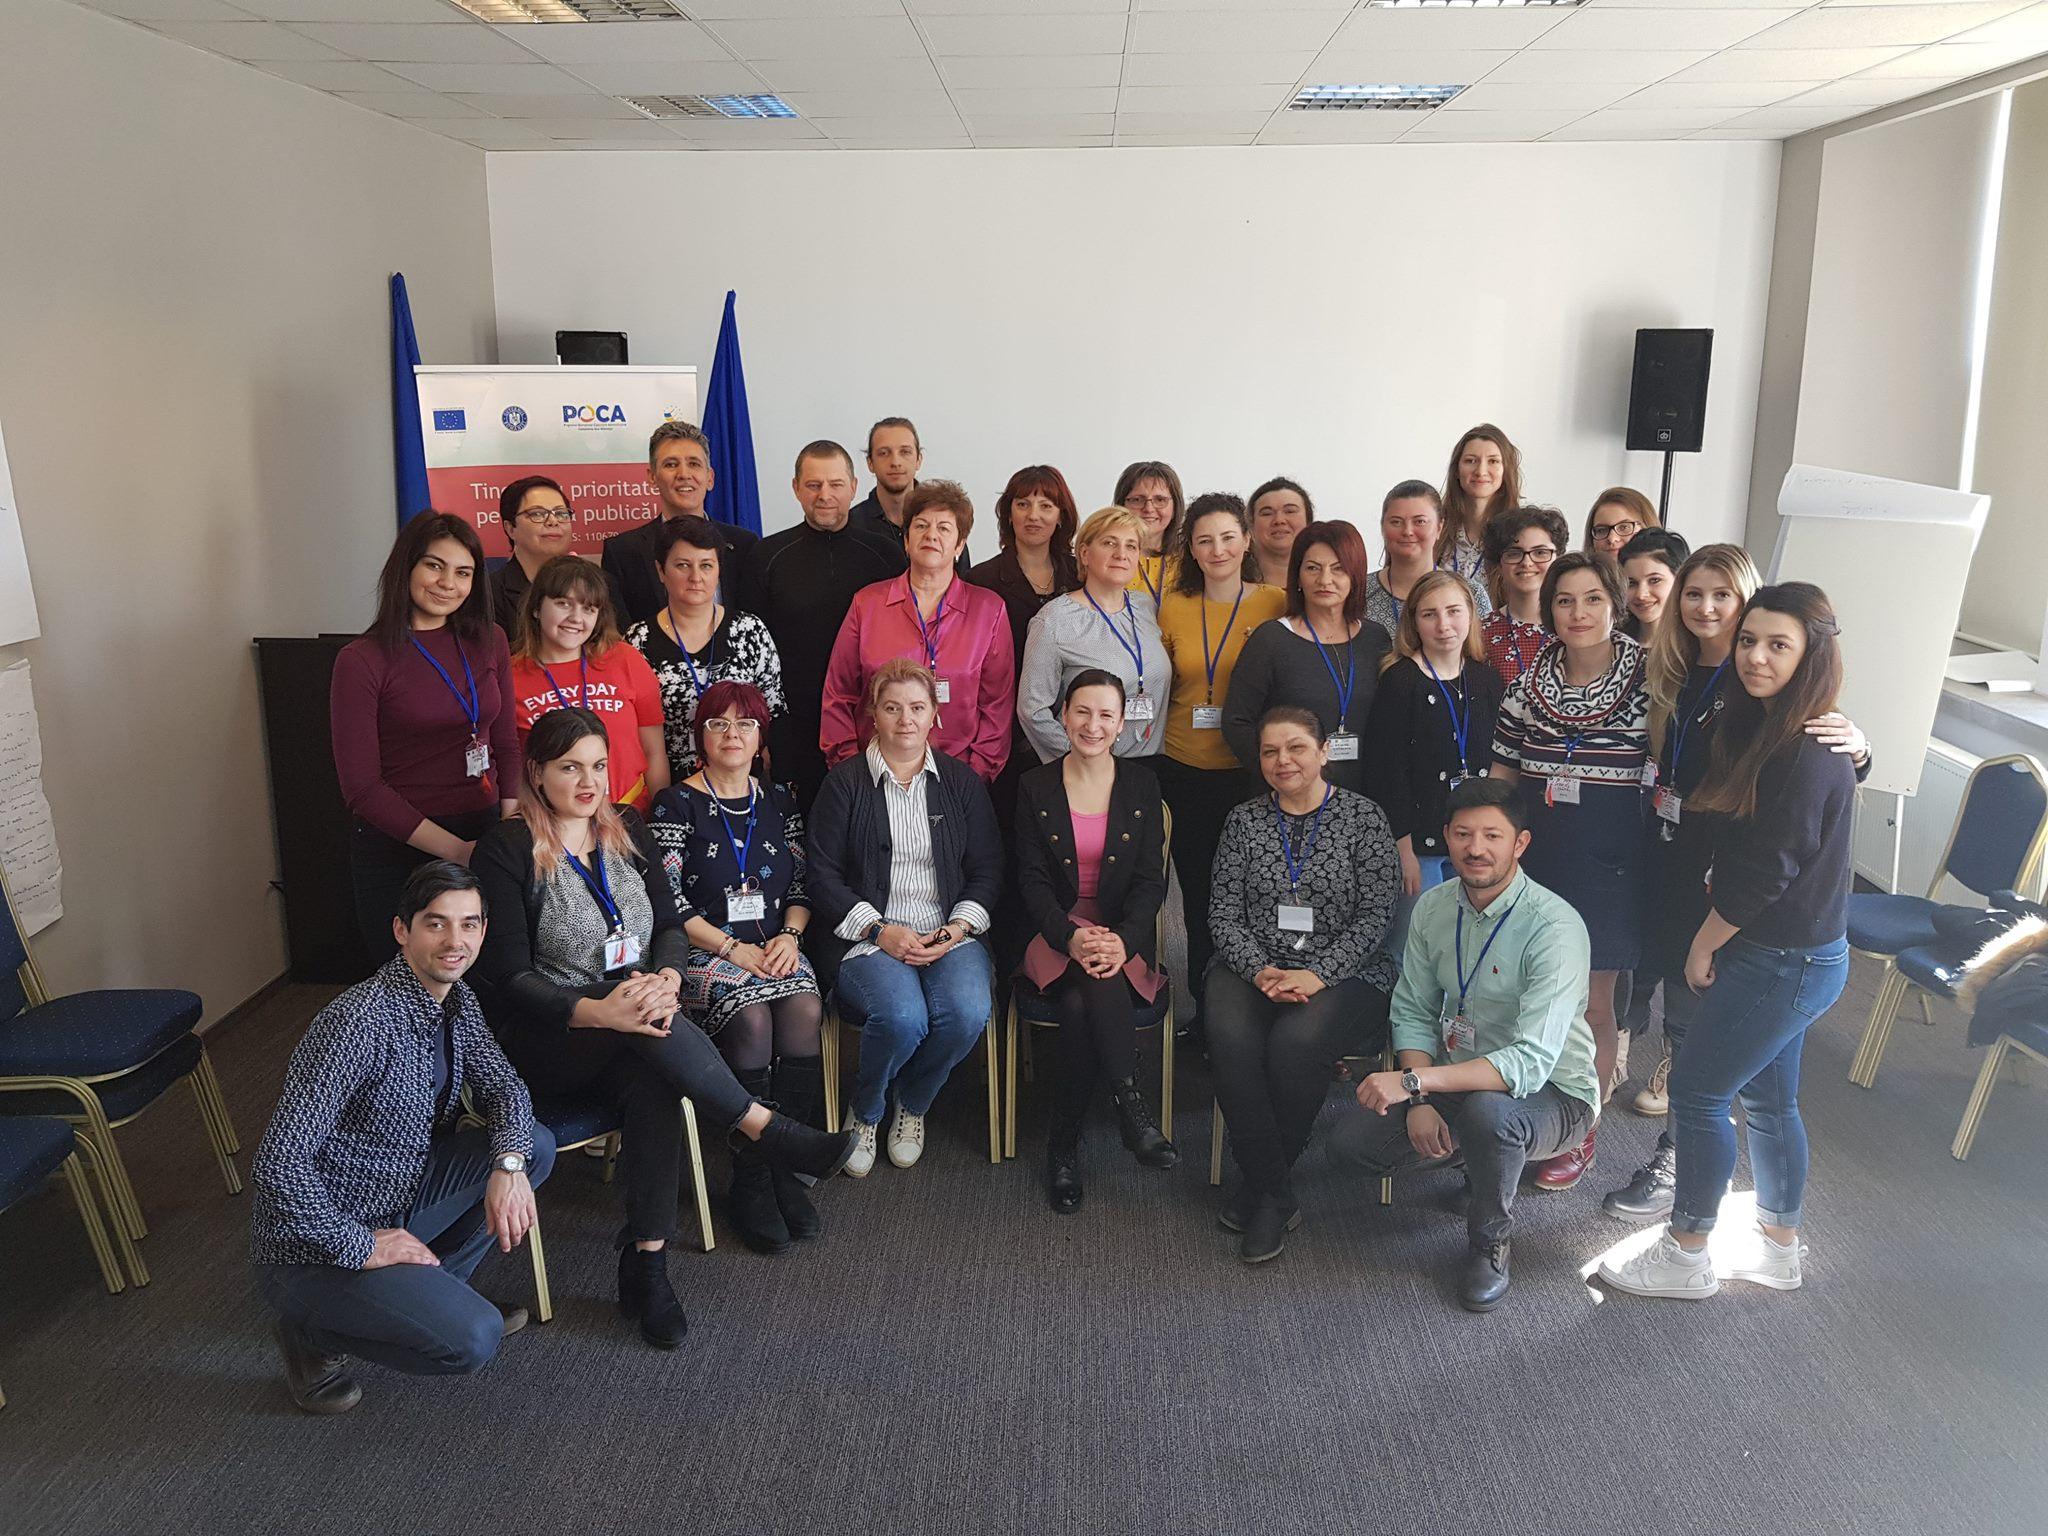 """COMUNICAT POST ACTIVITATE – FORUMUL TINERILOR UCENICI-   """"TINERII AU PRIORITATE PE AGENDA PUBLICĂ!"""" PIATRA NEAMȚ"""